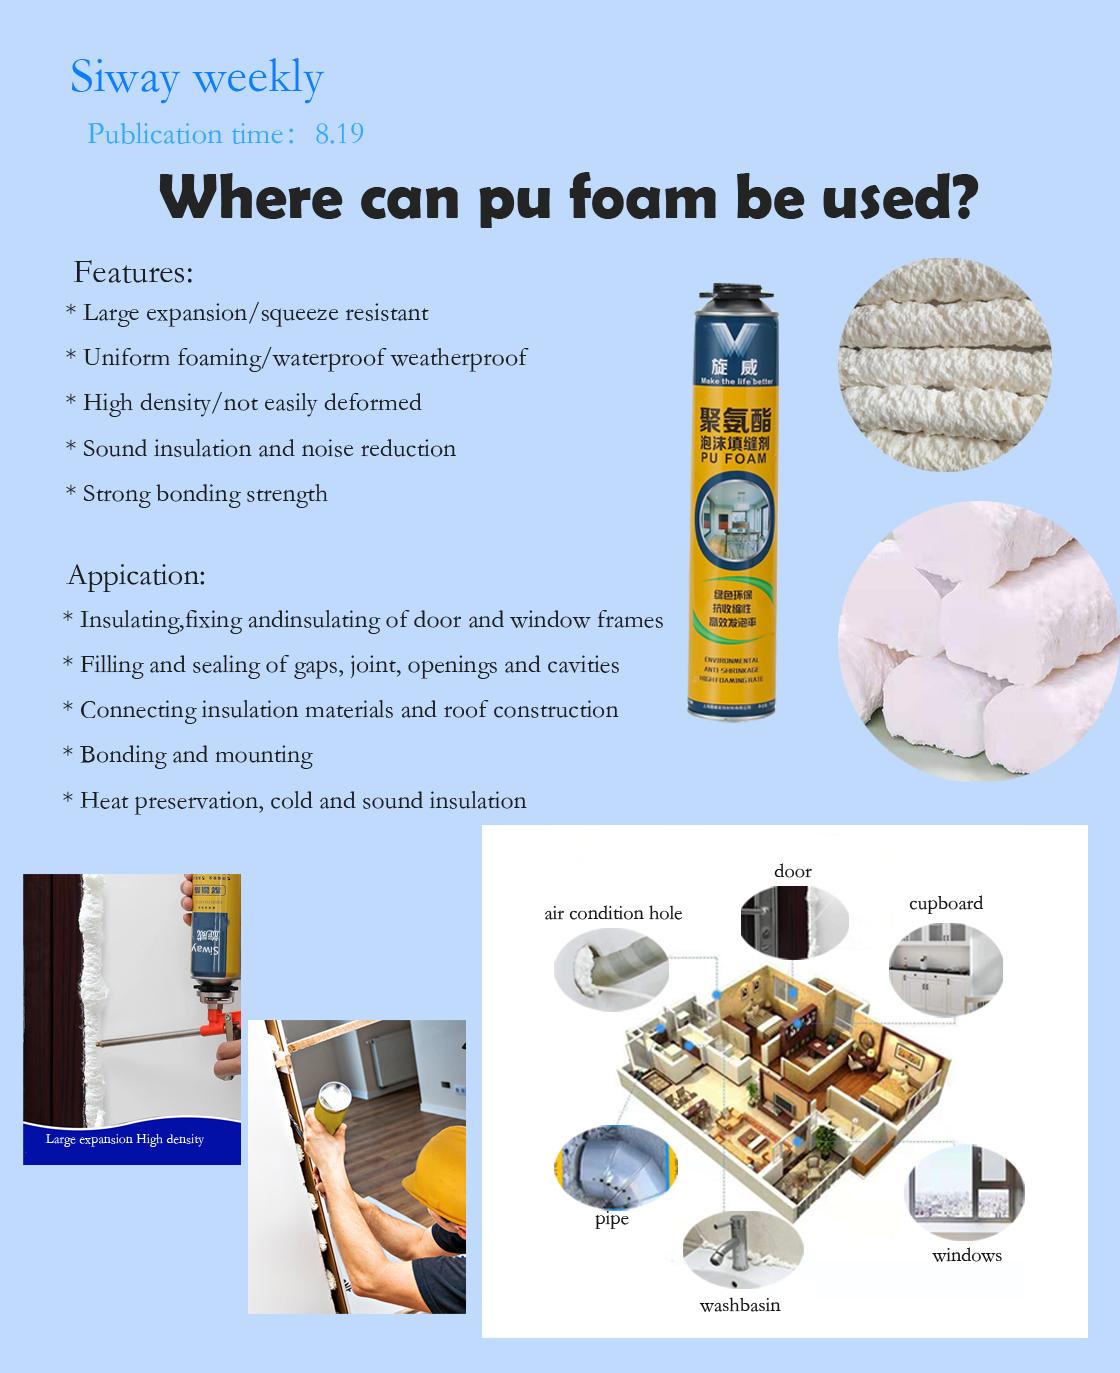 Where can pu foam be used?